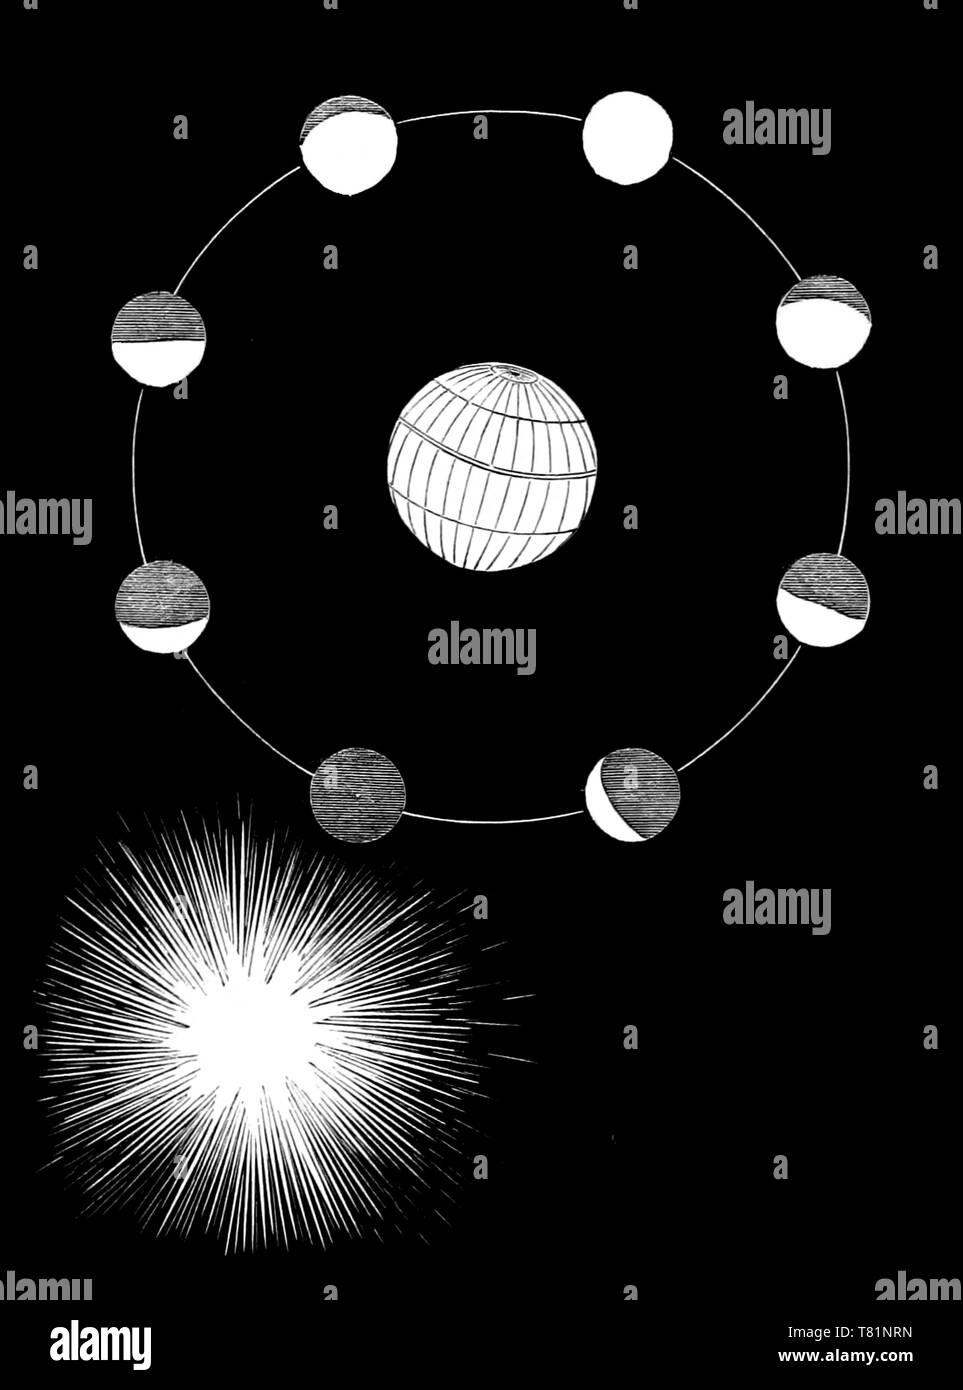 Wondrous Lunar Phases Diagram Stock Photos Lunar Phases Diagram Stock Wiring Digital Resources Instshebarightsorg